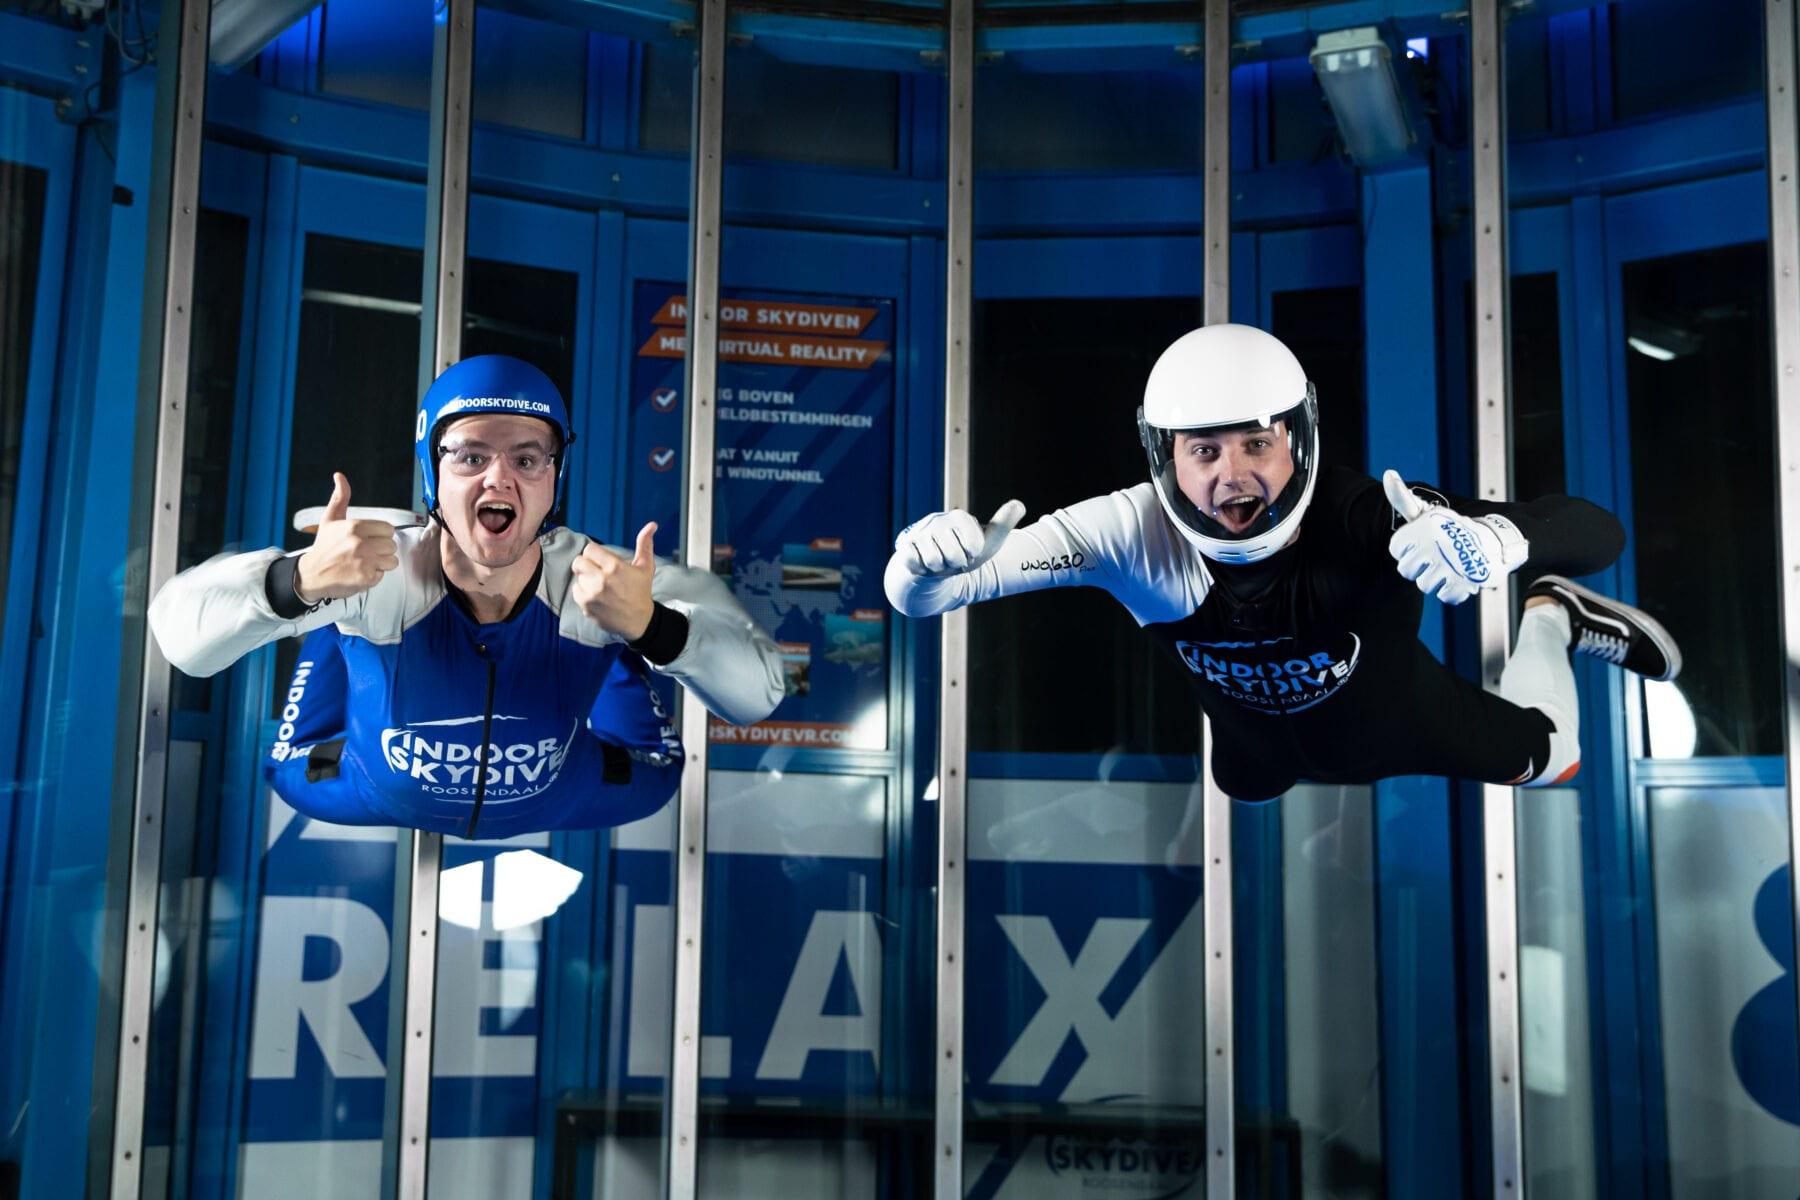 Wat zijn de meest voorkomende vragen van bezoekers van Indoor Skydive Roosendaal?